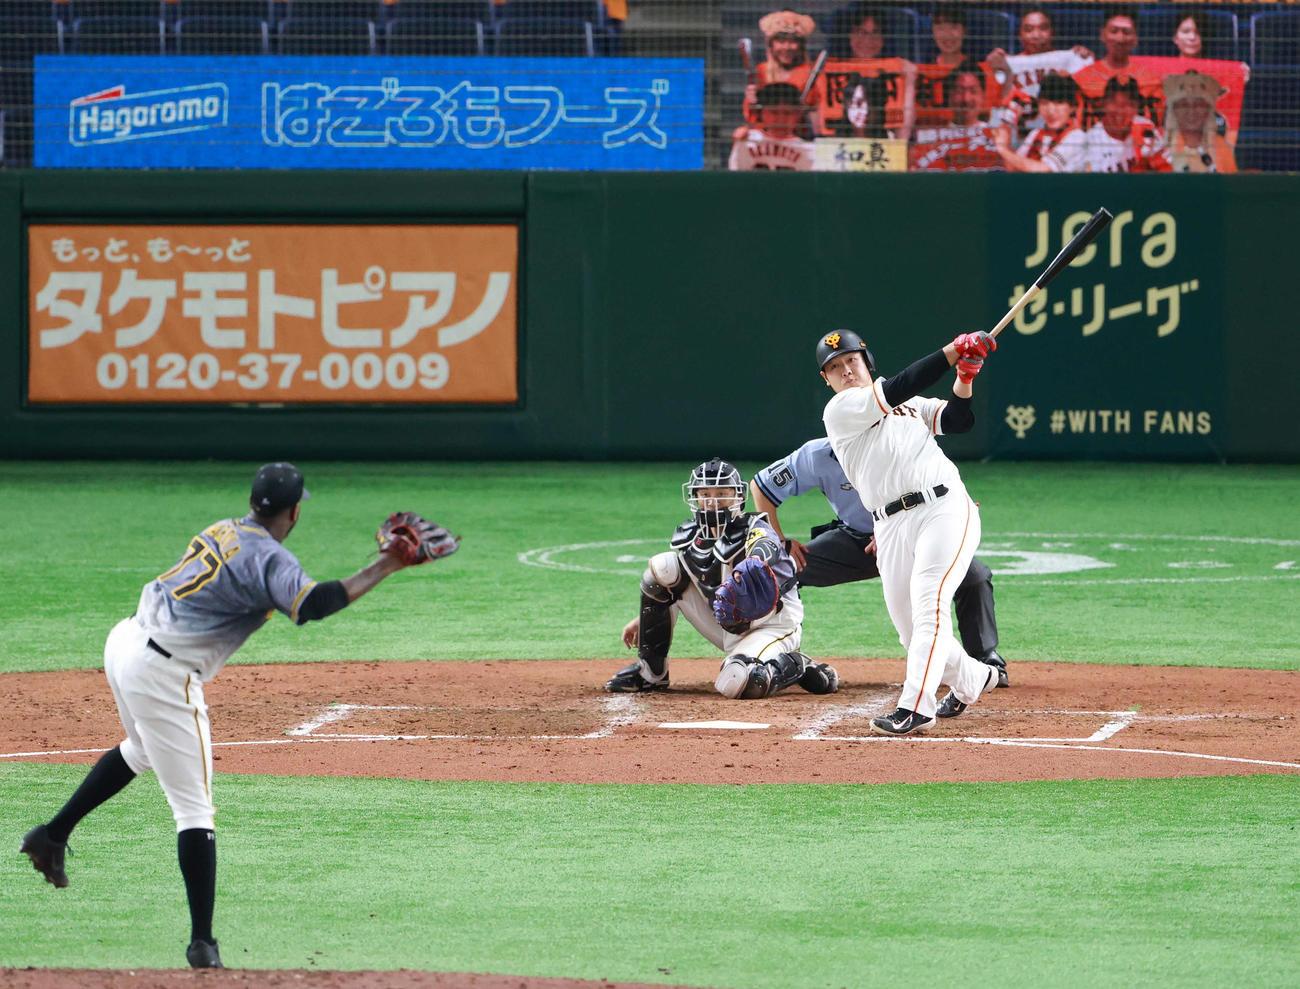 巨人対阪神 4回裏巨人無死一塁、右中間に逆転2点本塁打を放つ岡本。投手ガルシア(撮影・江口和貴)